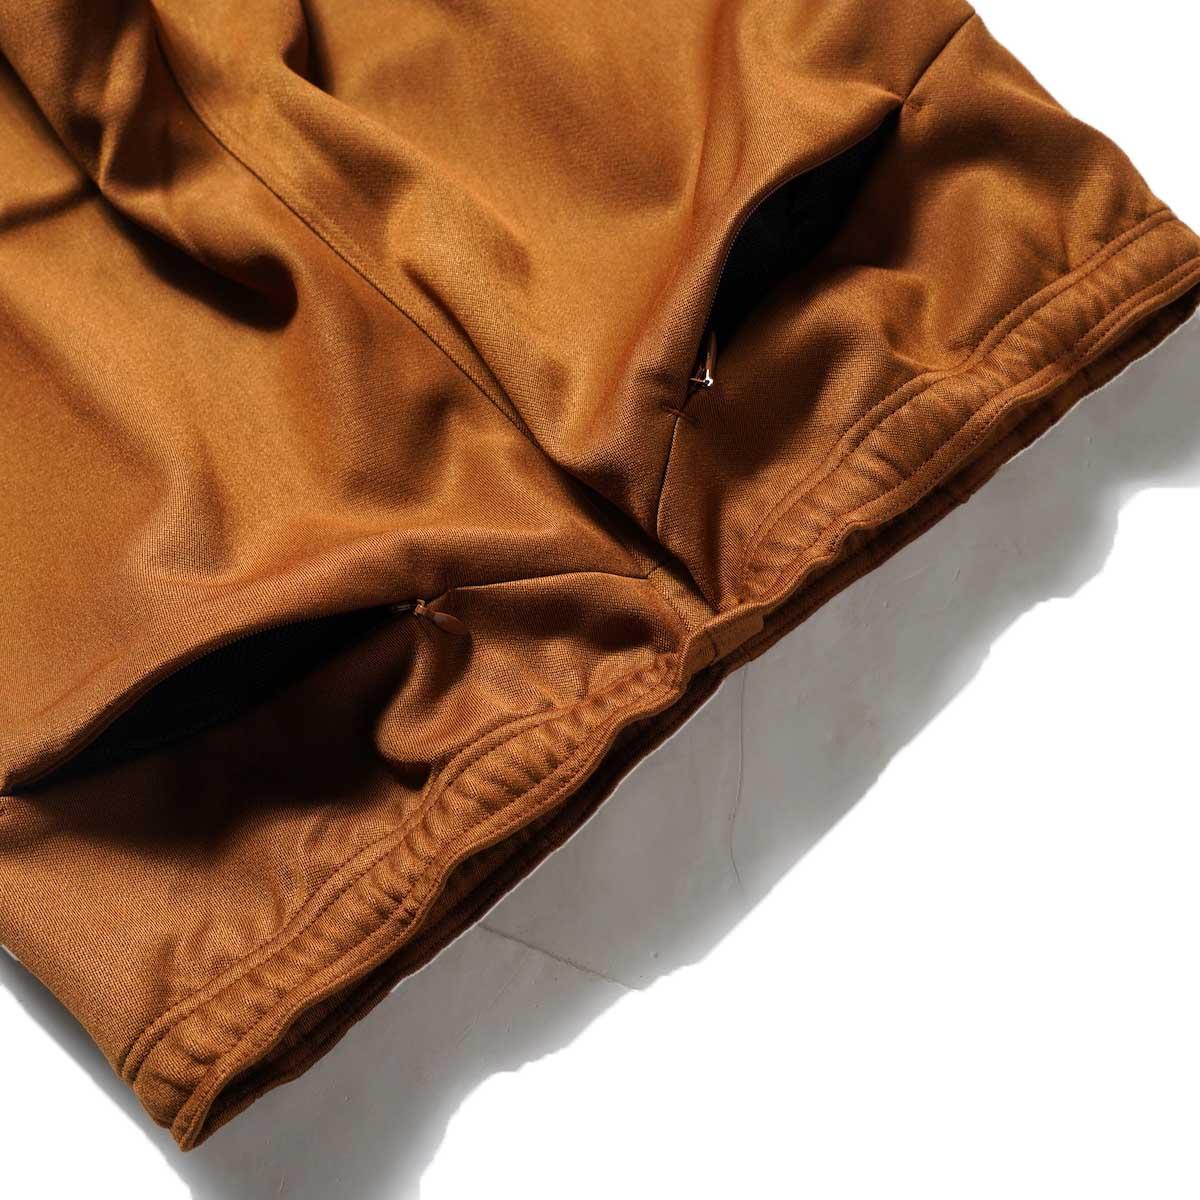 Needles / W.U. BOOT-CUT PANT - PE/R DOESKIN (Brown)ヒップポケット2